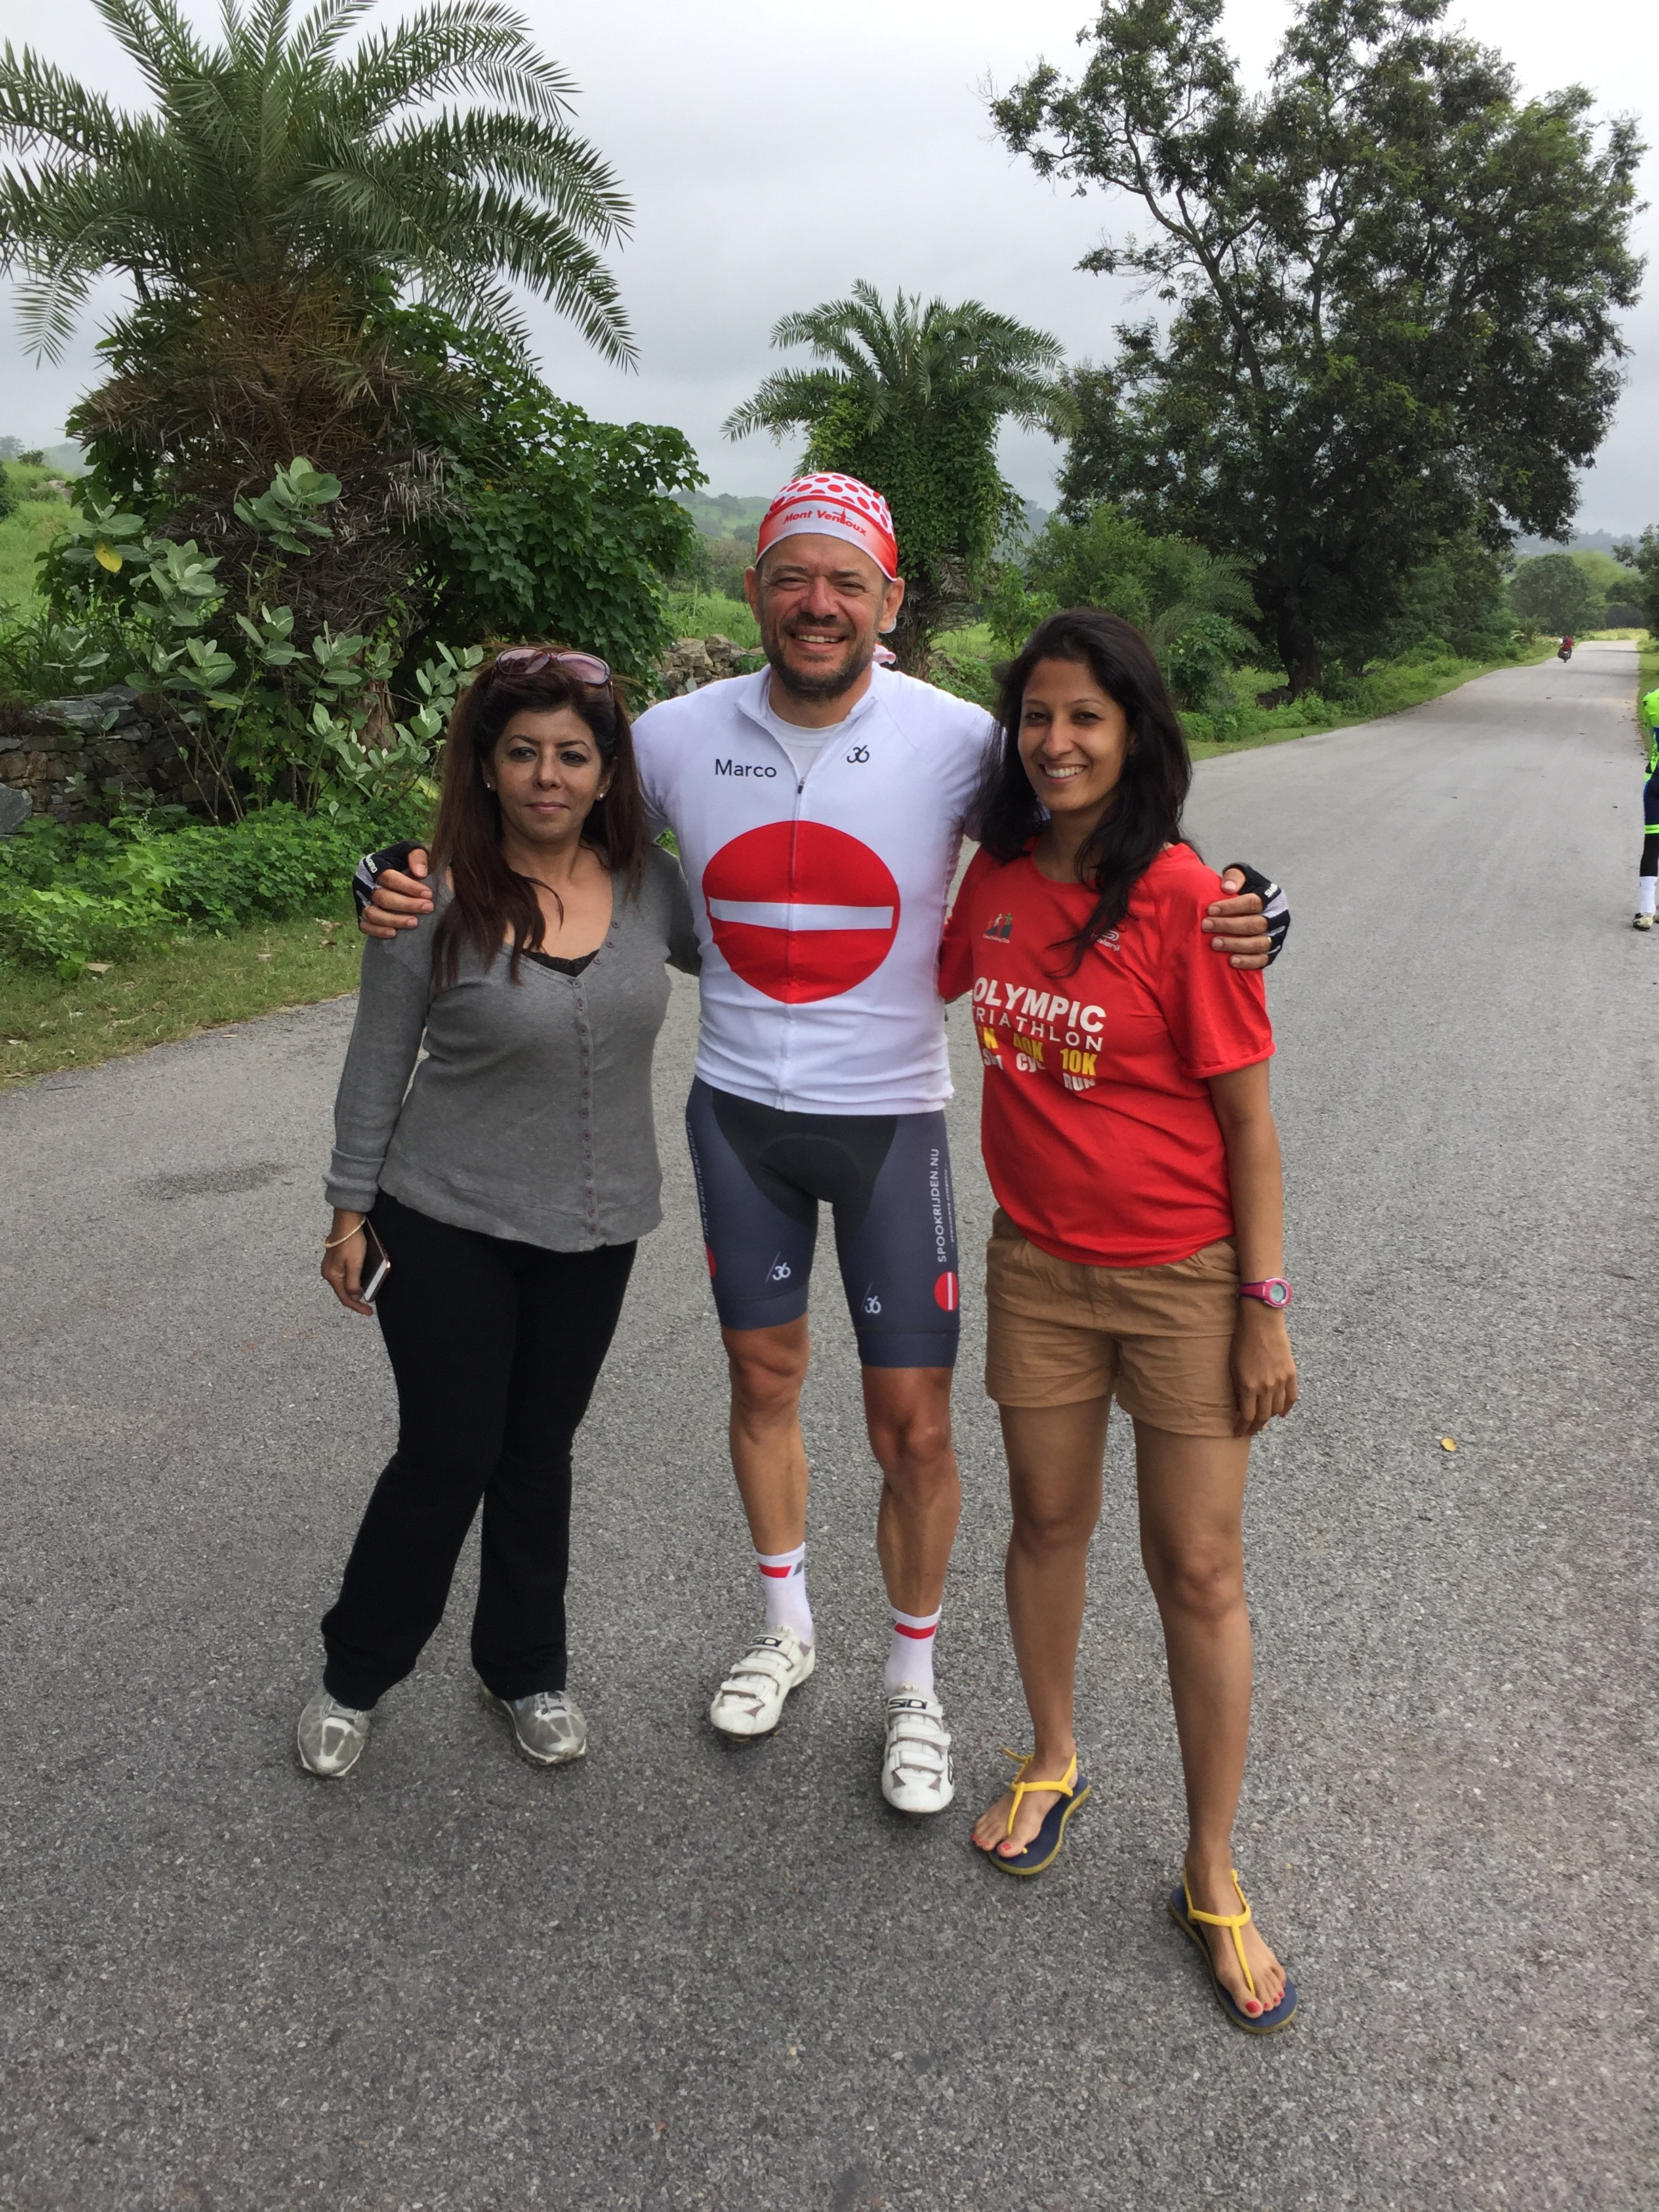 Met mijn wielervrouwen Sonia en Shaily bij de finish